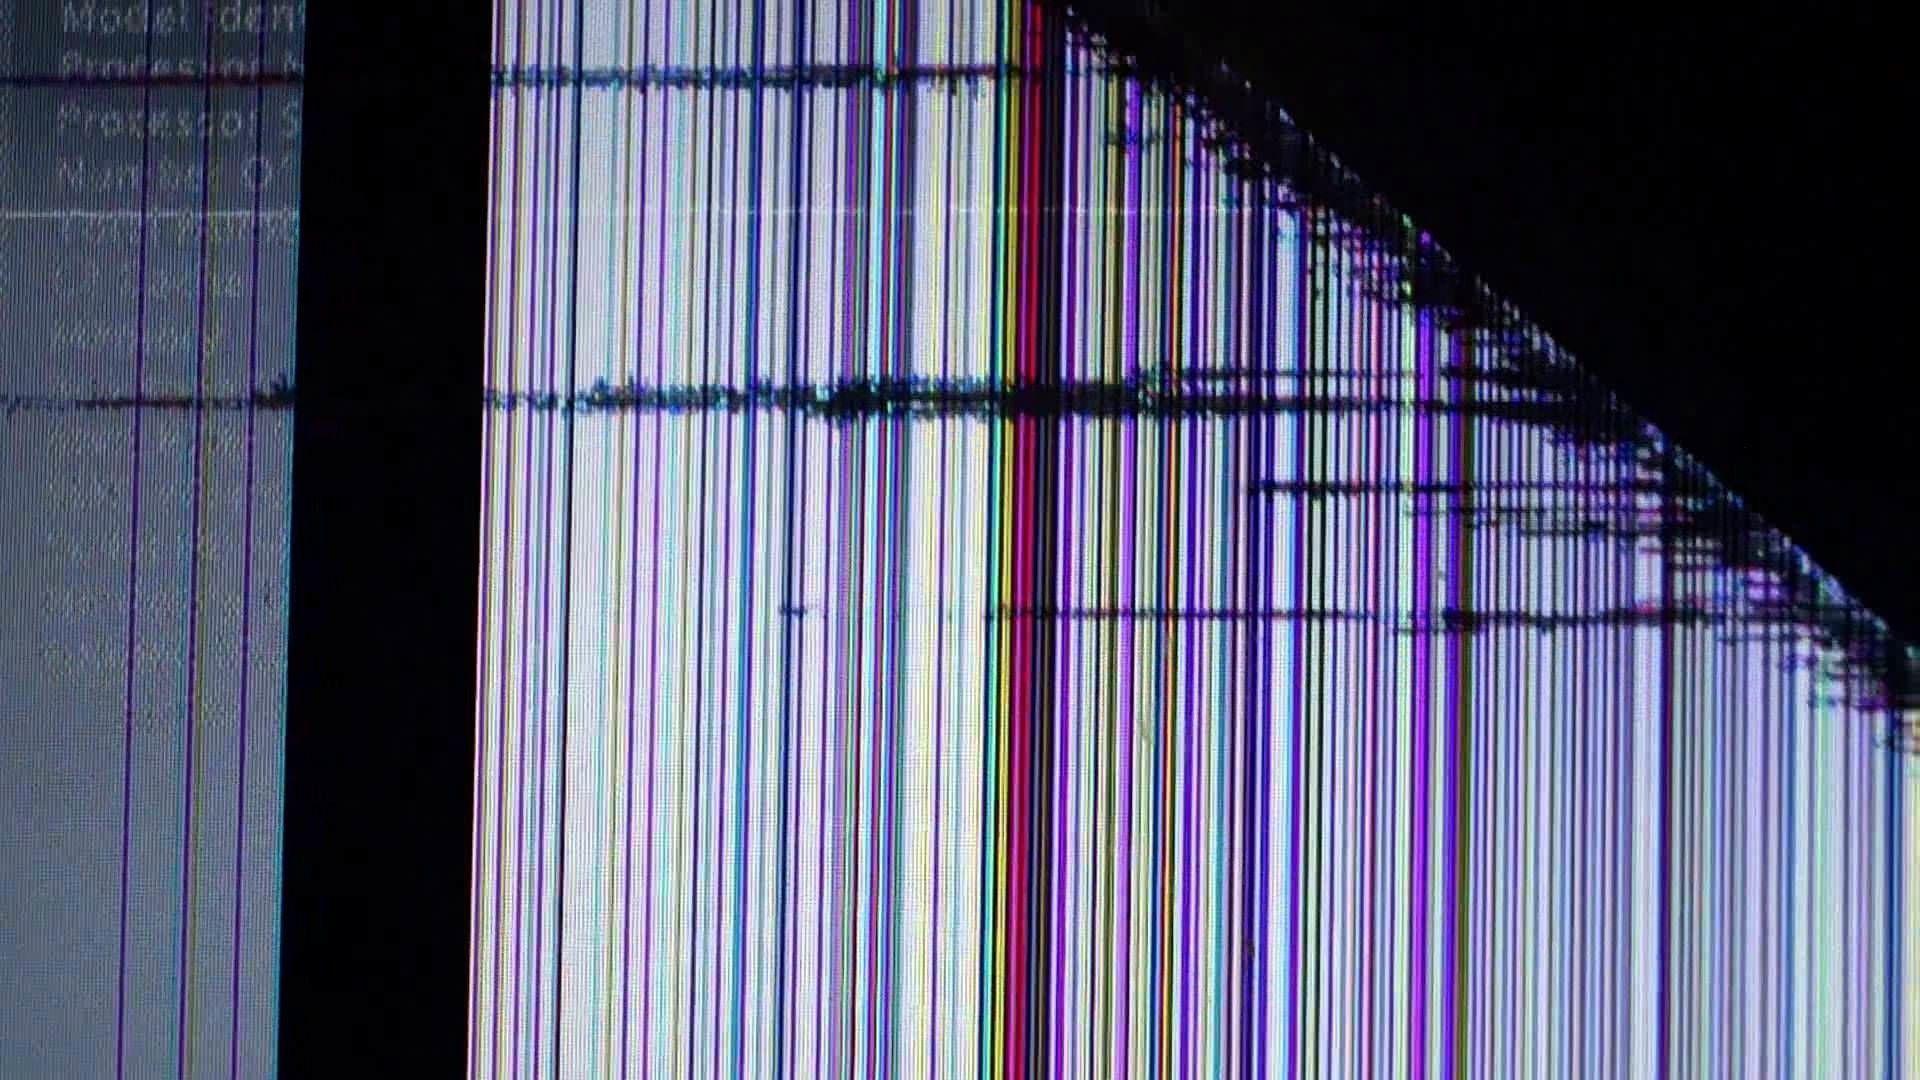 Windows 10 Wallpaper Broken Mywallpapers Site In 2020 Broken Screen Wallpaper Broken Screen Cracked Wallpaper